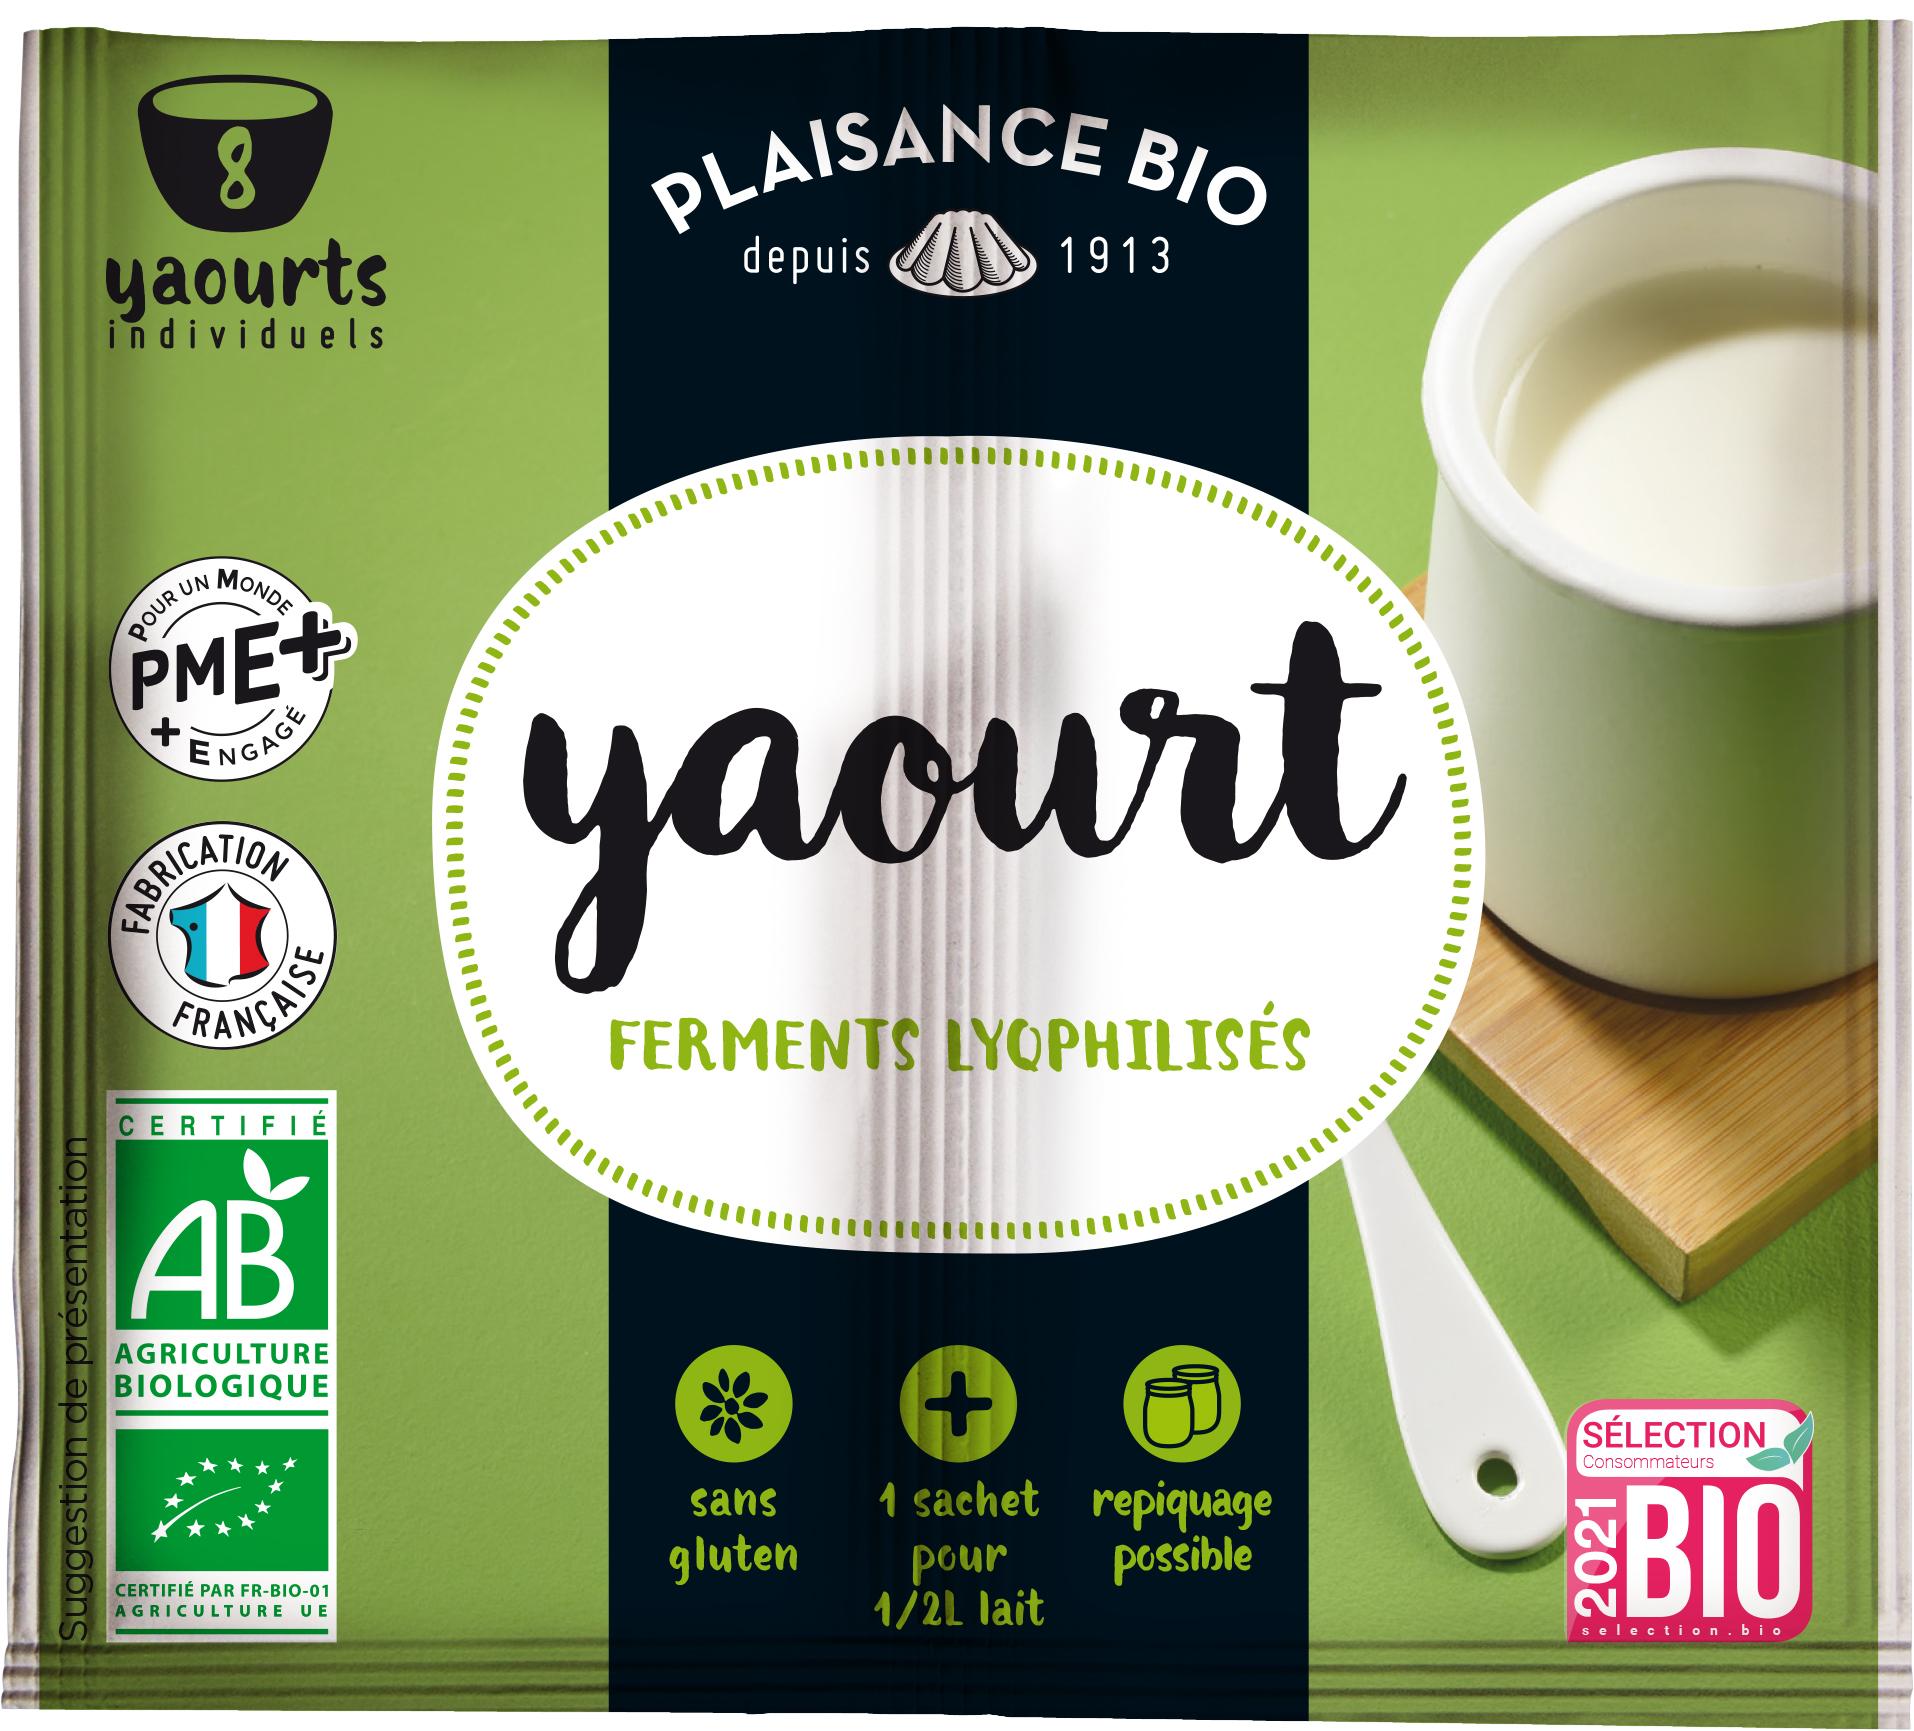 yaourt plaisance bio